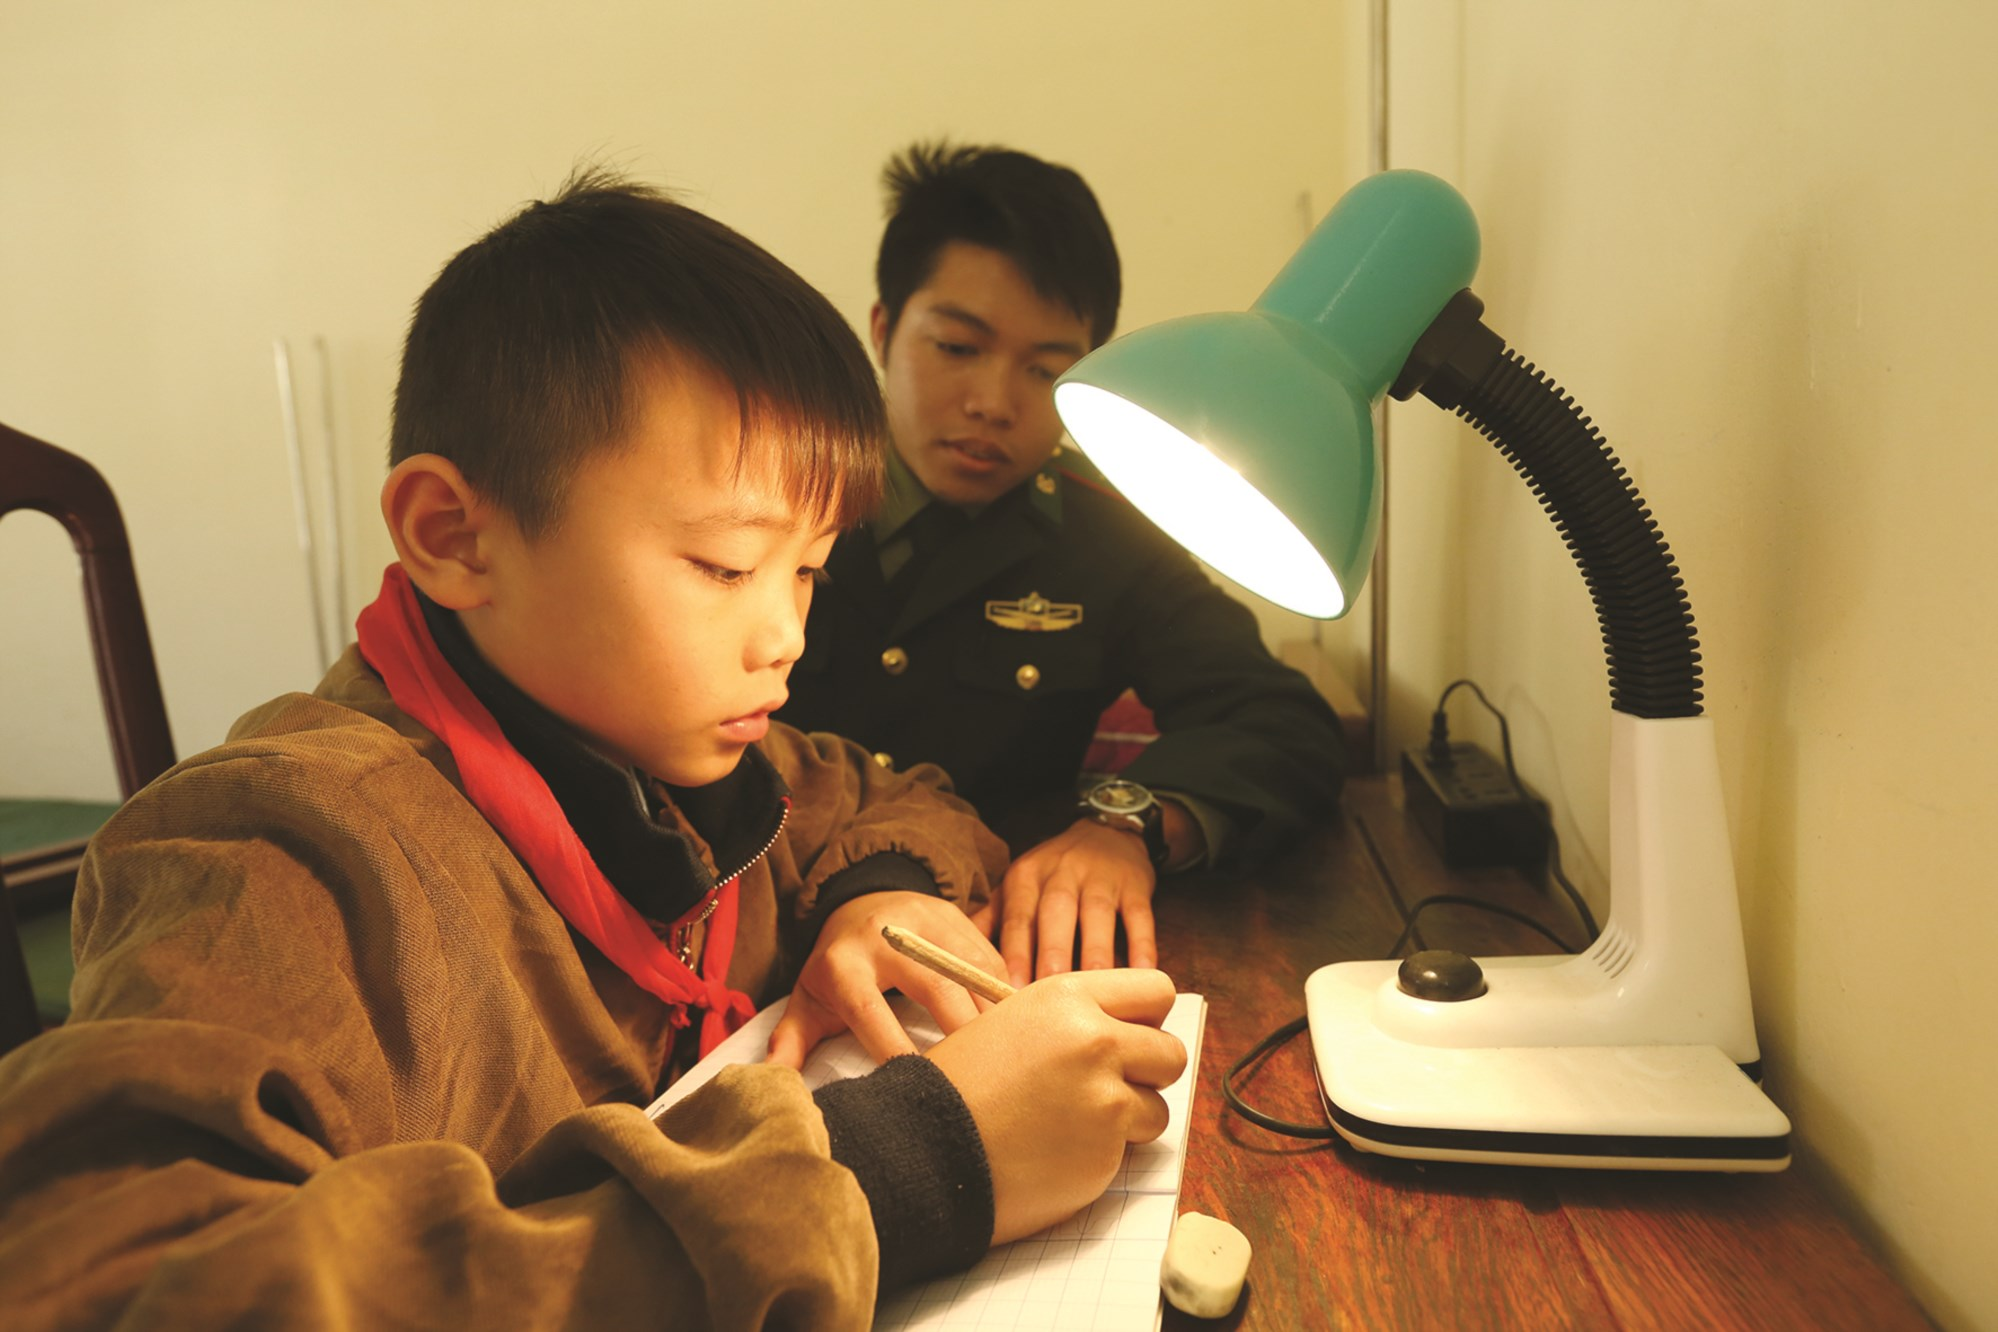 Cán bộ chiến sĩ ĐBP Pa Thơm hướng dẫn em Quàng Văn Kiên học bài.